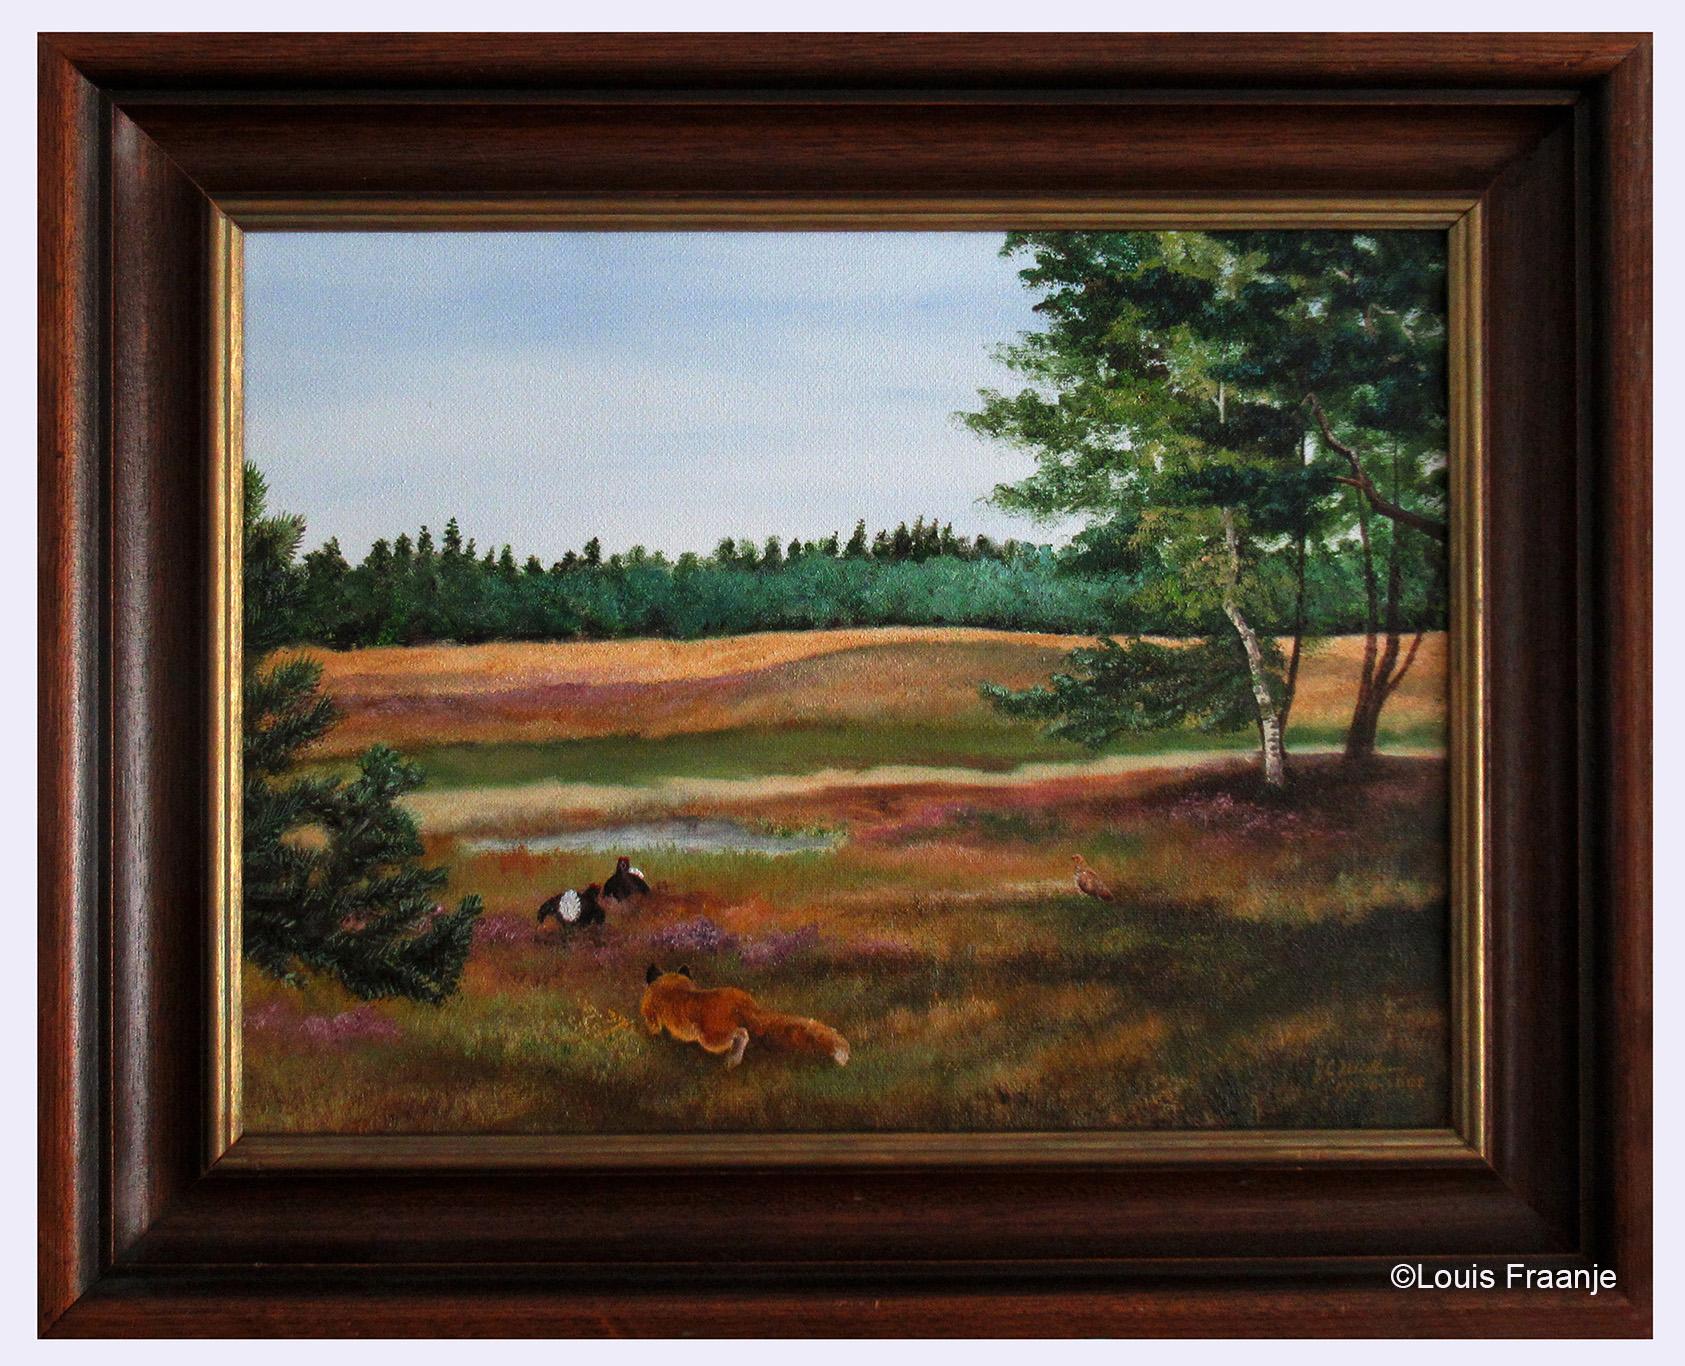 Een vos besluipt de bolderende korhanen - Foto van het schilderij: Louis Fraanje